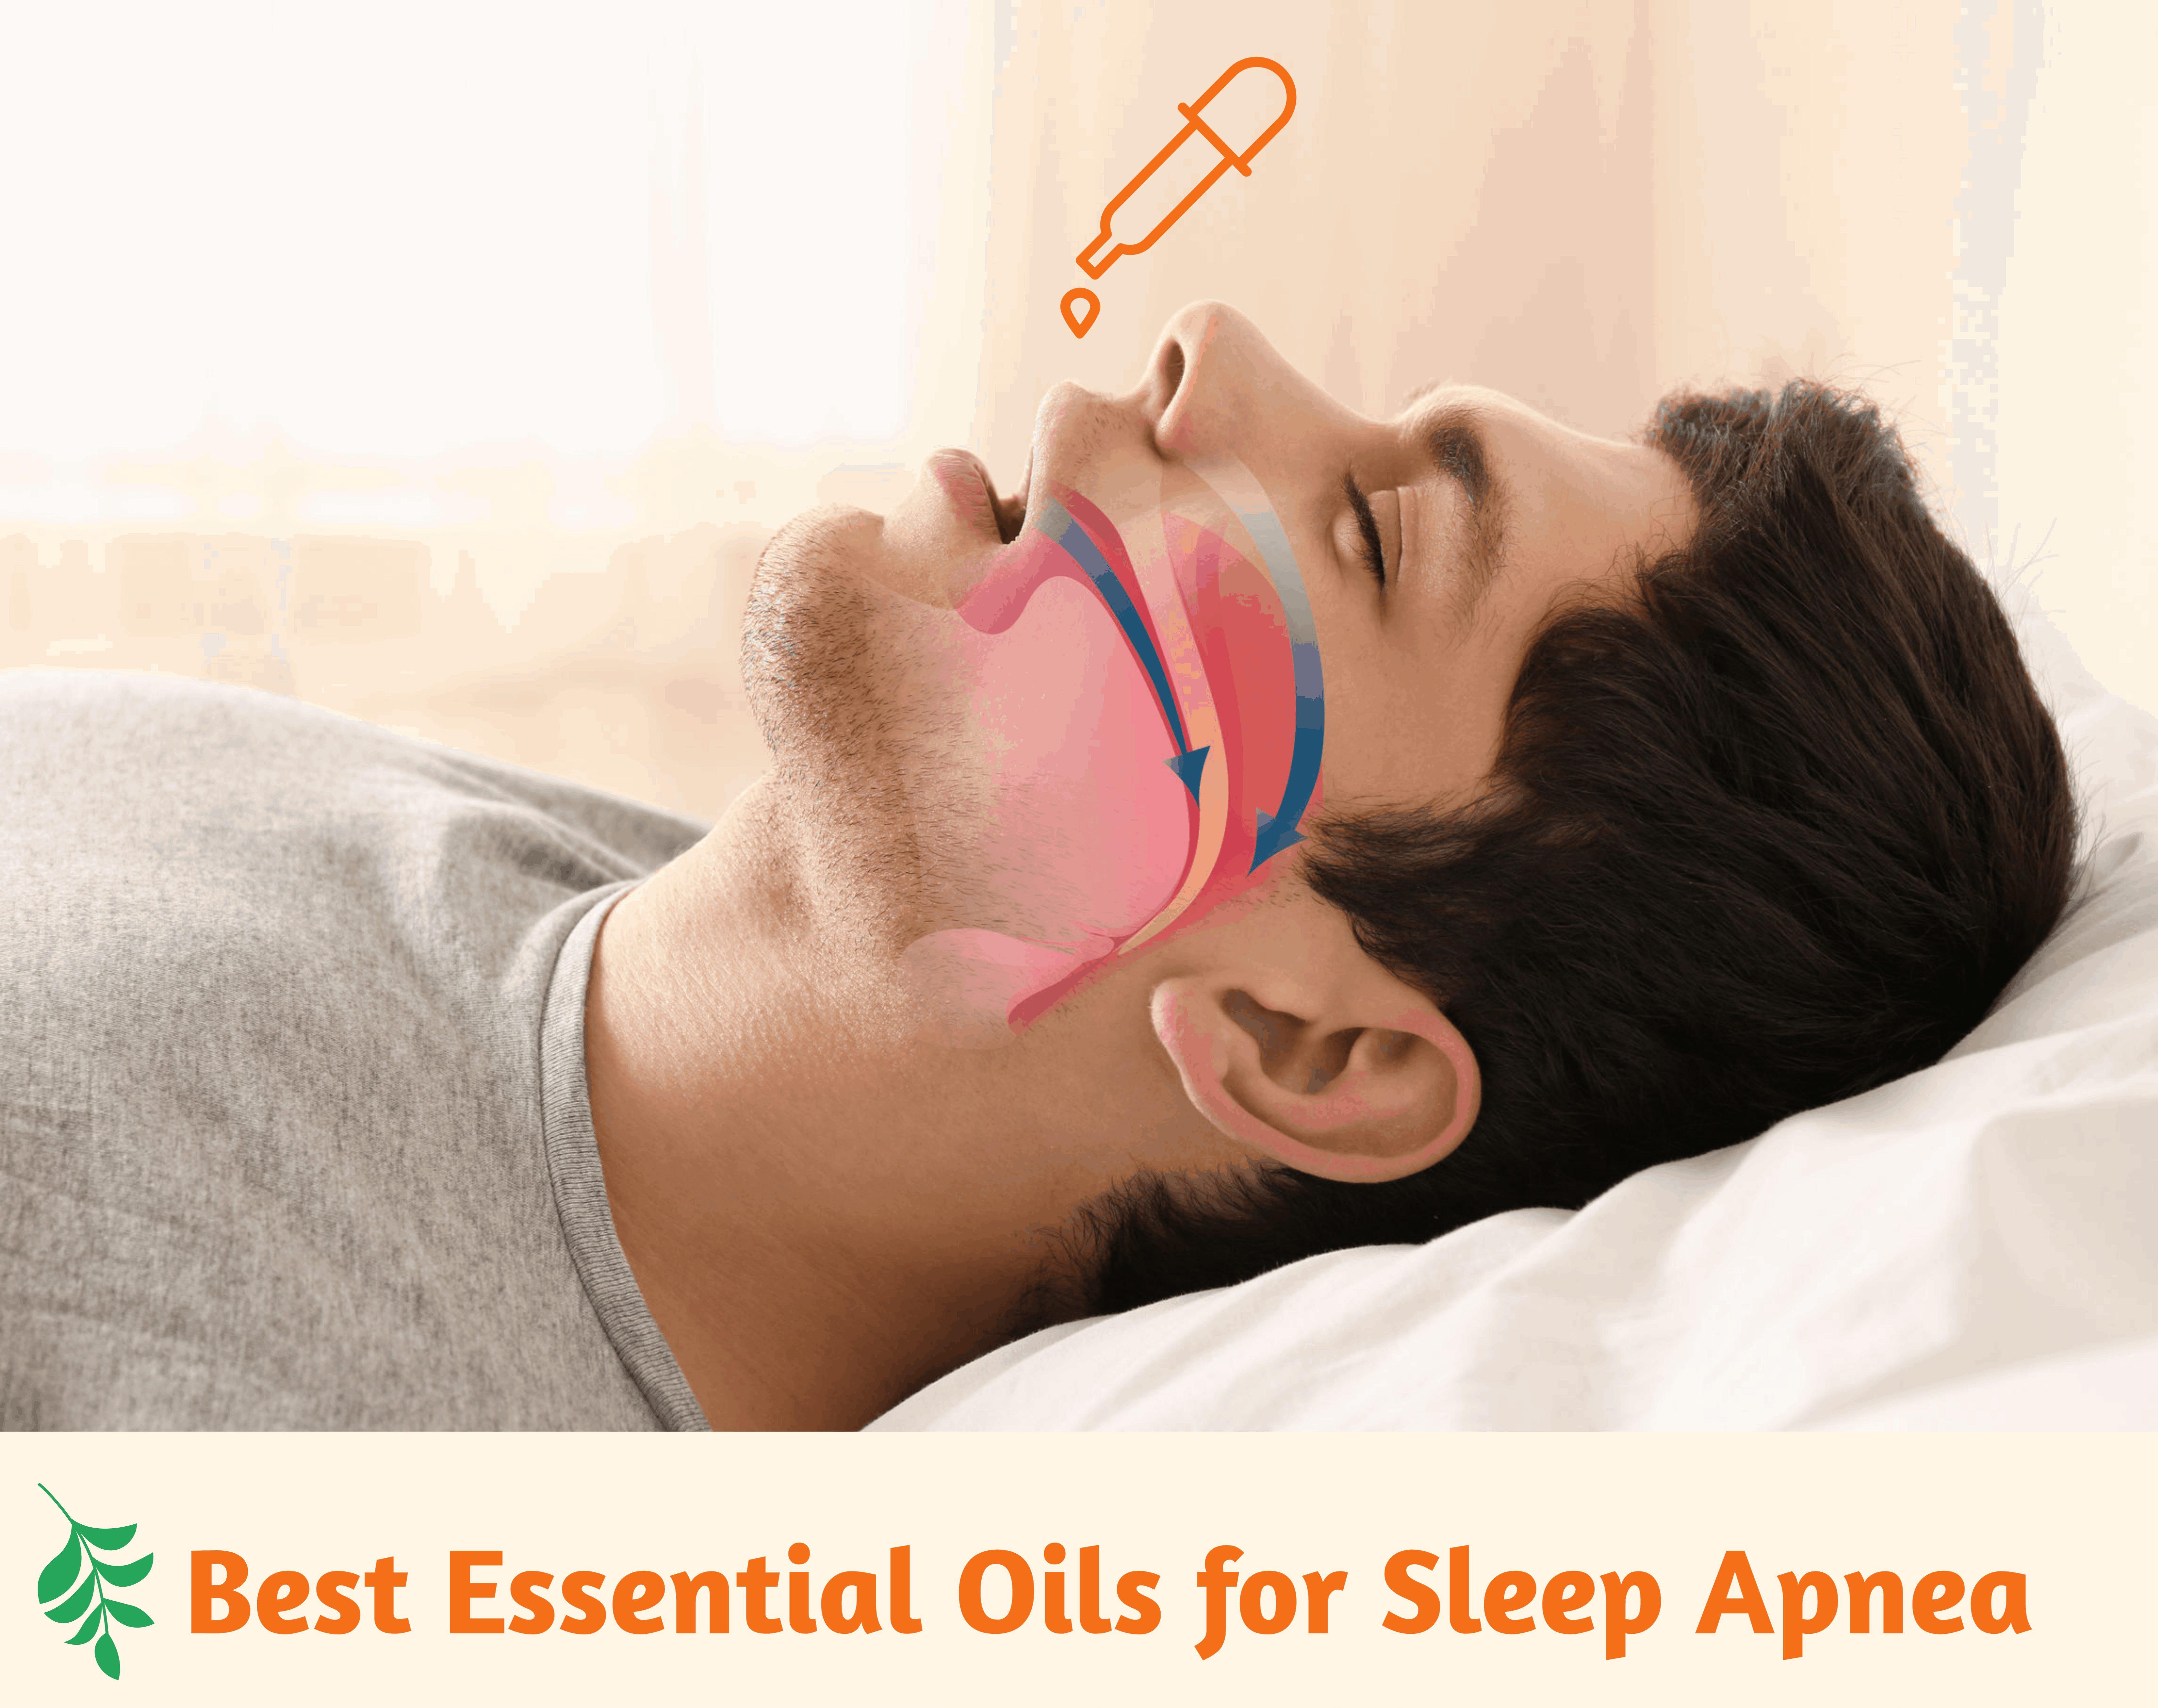 Meilleures huiles essentielles à utiliser pour le traitement de l'apnée du sommeil